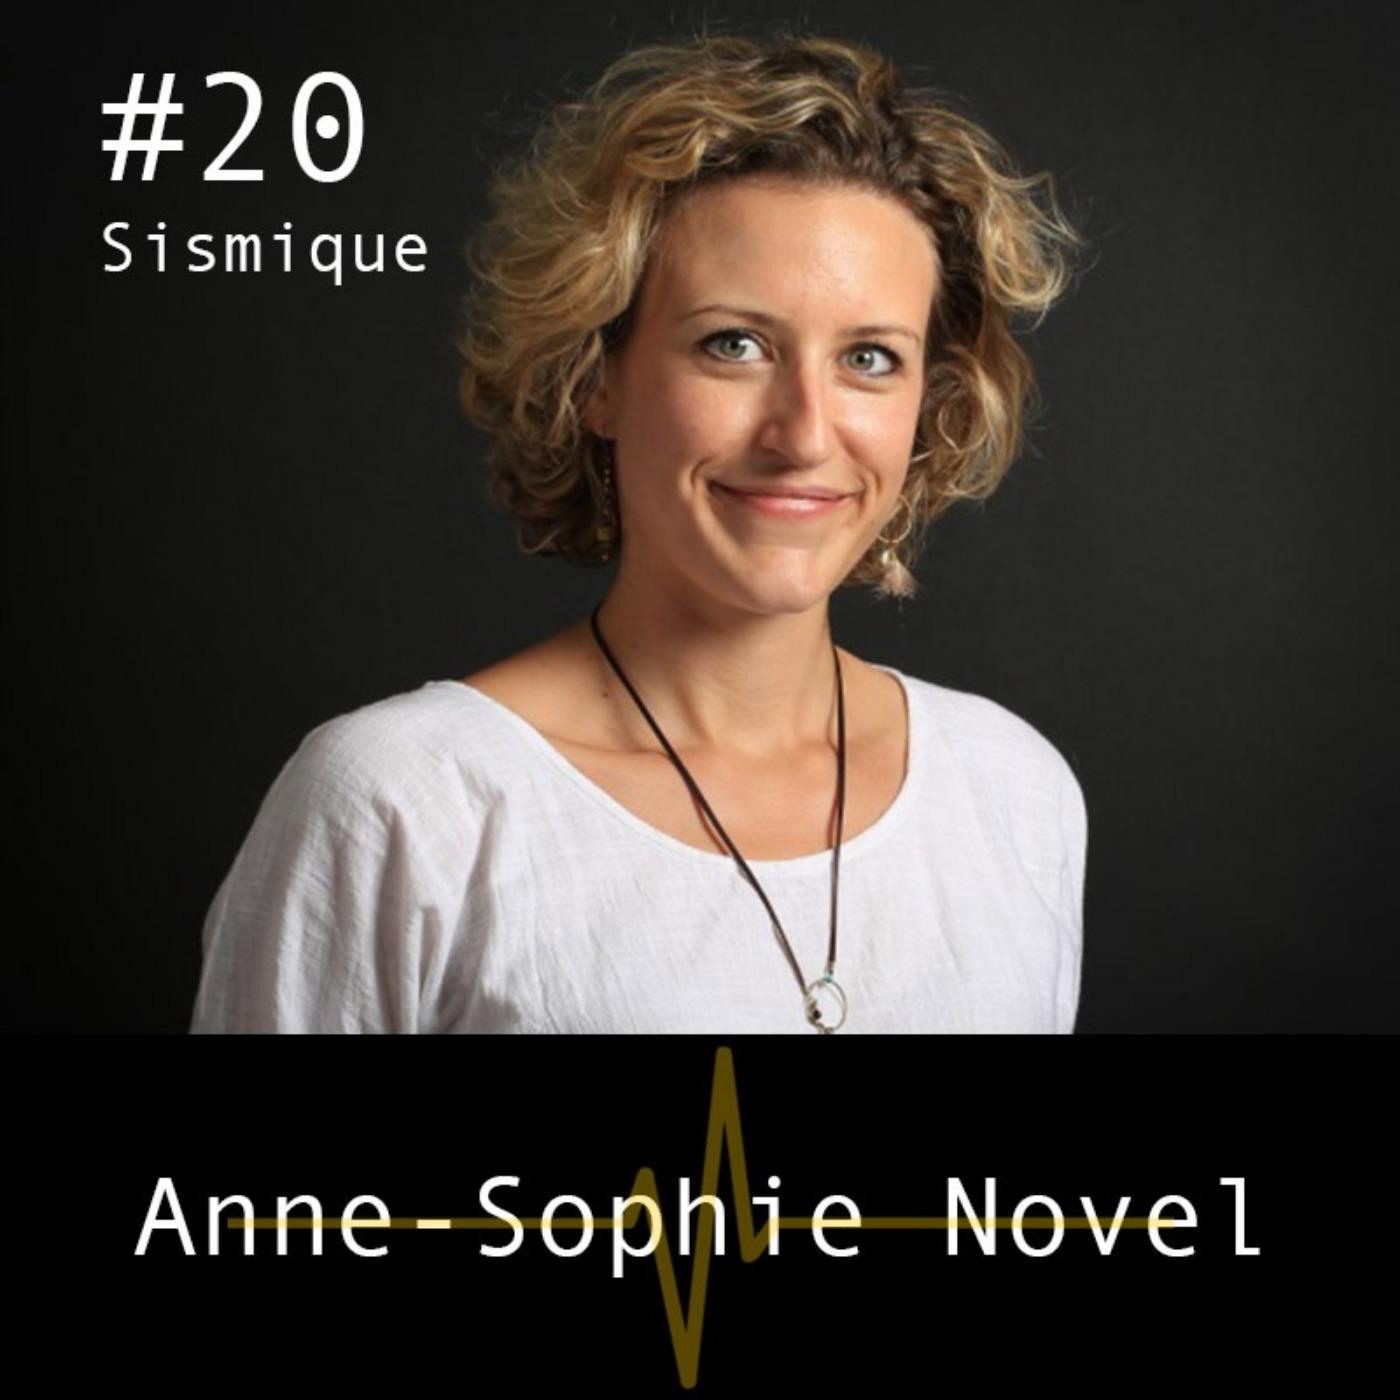 Les Media, le monde et nous - Anne-Sophie Novel